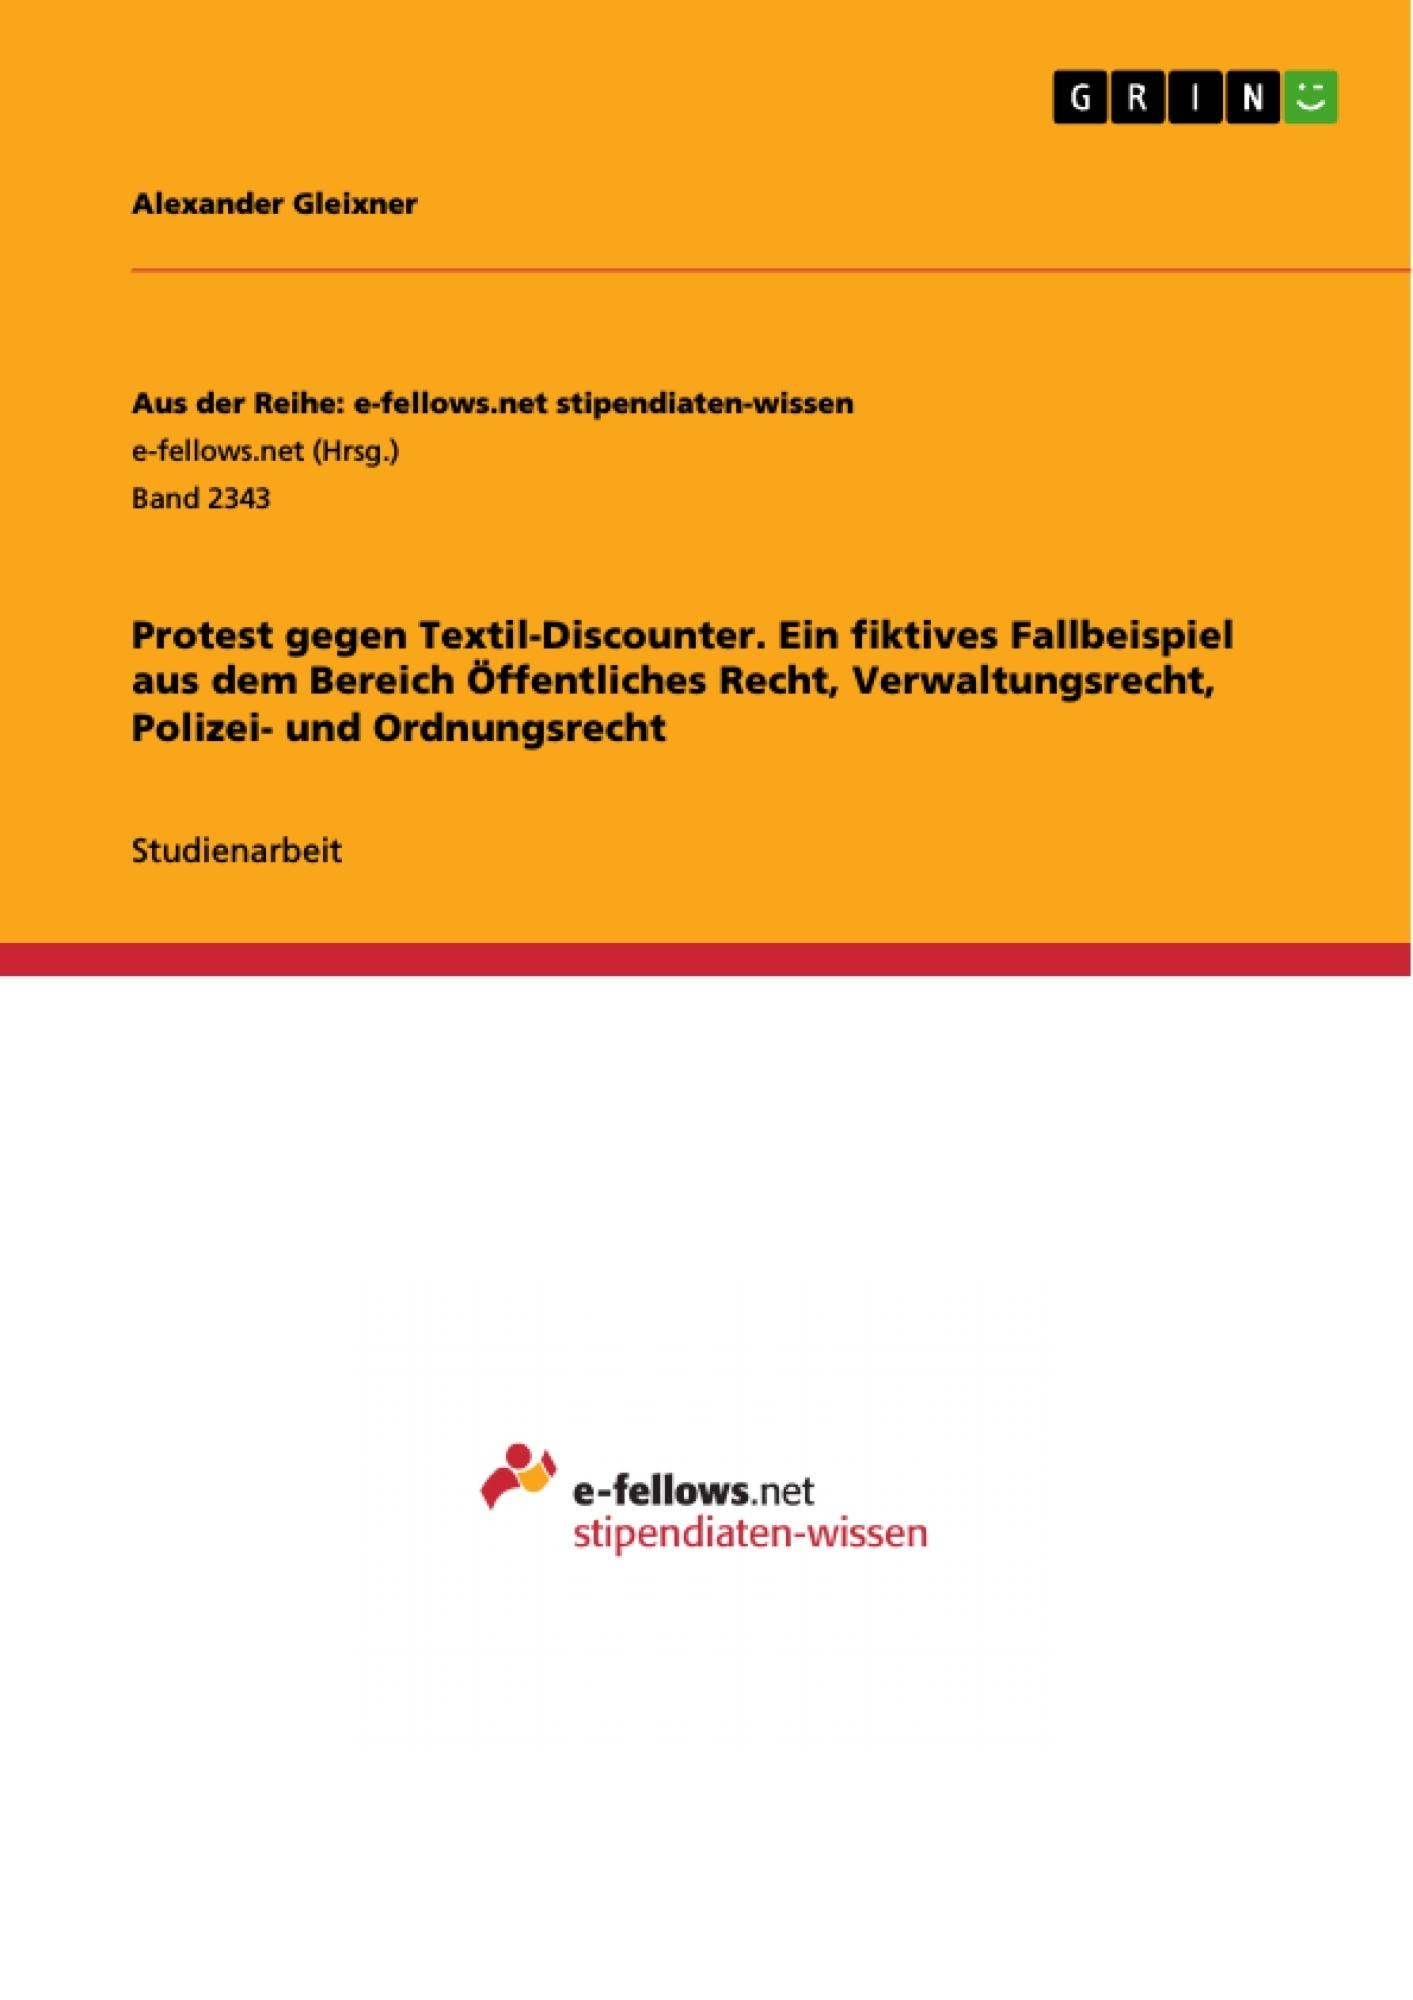 Titel: Protest gegen Textil-Discounter. Ein fiktives Fallbeispiel aus dem Bereich Öffentliches Recht, Verwaltungsrecht, Polizei- und Ordnungsrecht